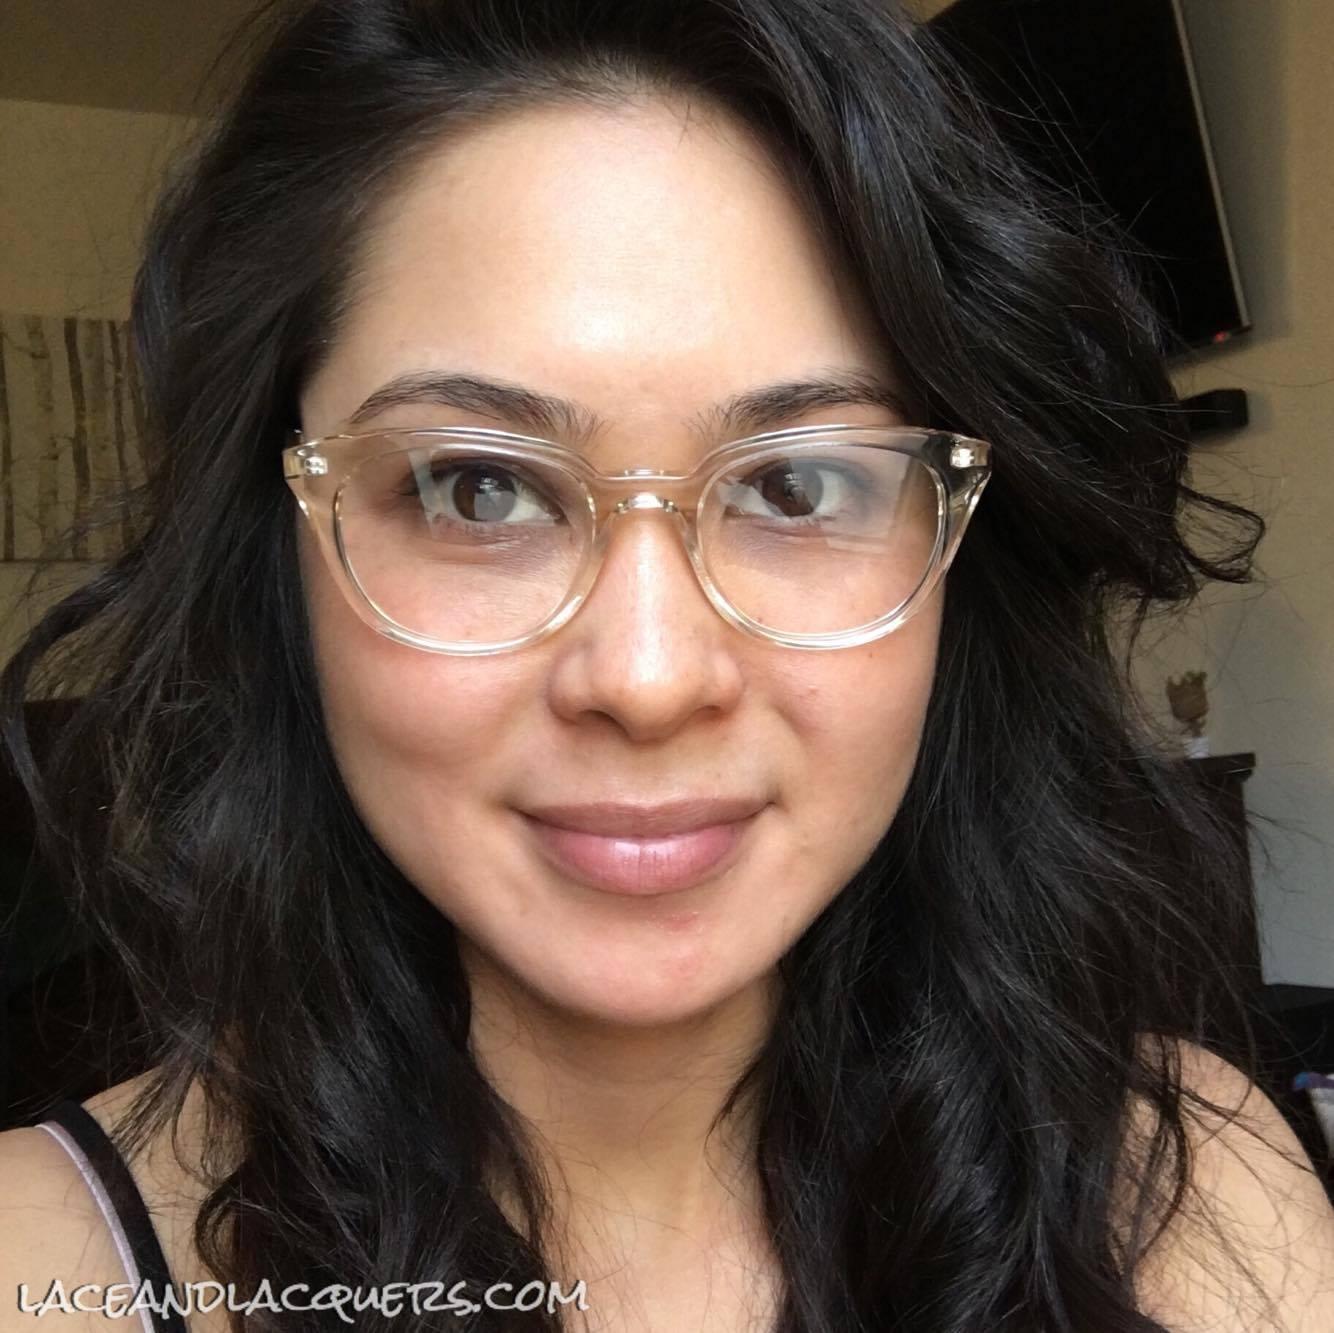 NOTMYNAILSBUT - PRESS RELEASE: Warby Parker #SeeSummerBetter Summer ...